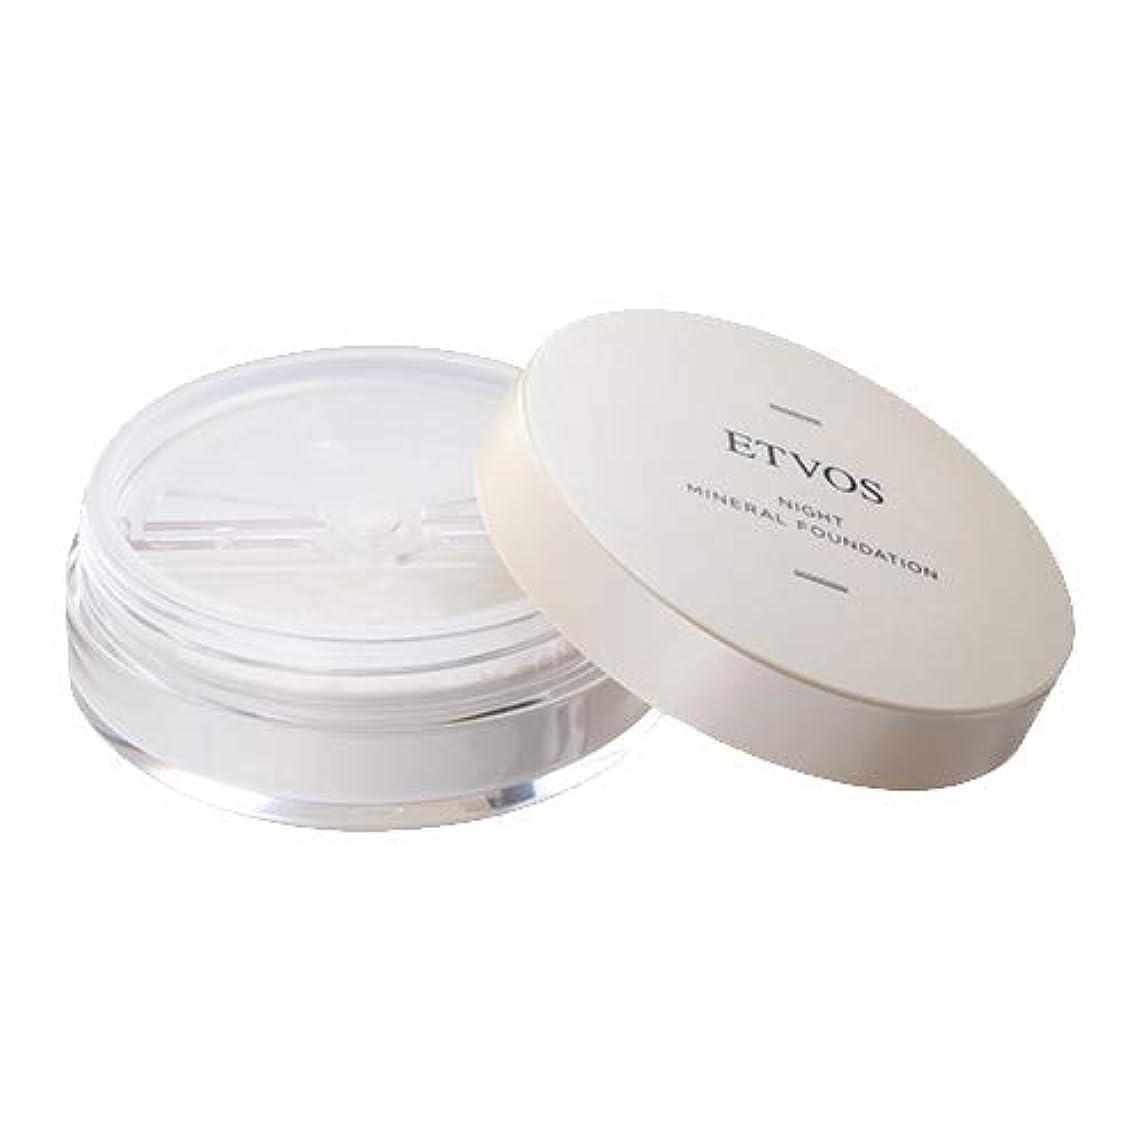 事業光景攻撃的ETVOS(エトヴォス) 夜用化粧下地 ナイトミネラルファンデーション 5g フェイスパウダー 皮脂吸着/崩れ防止